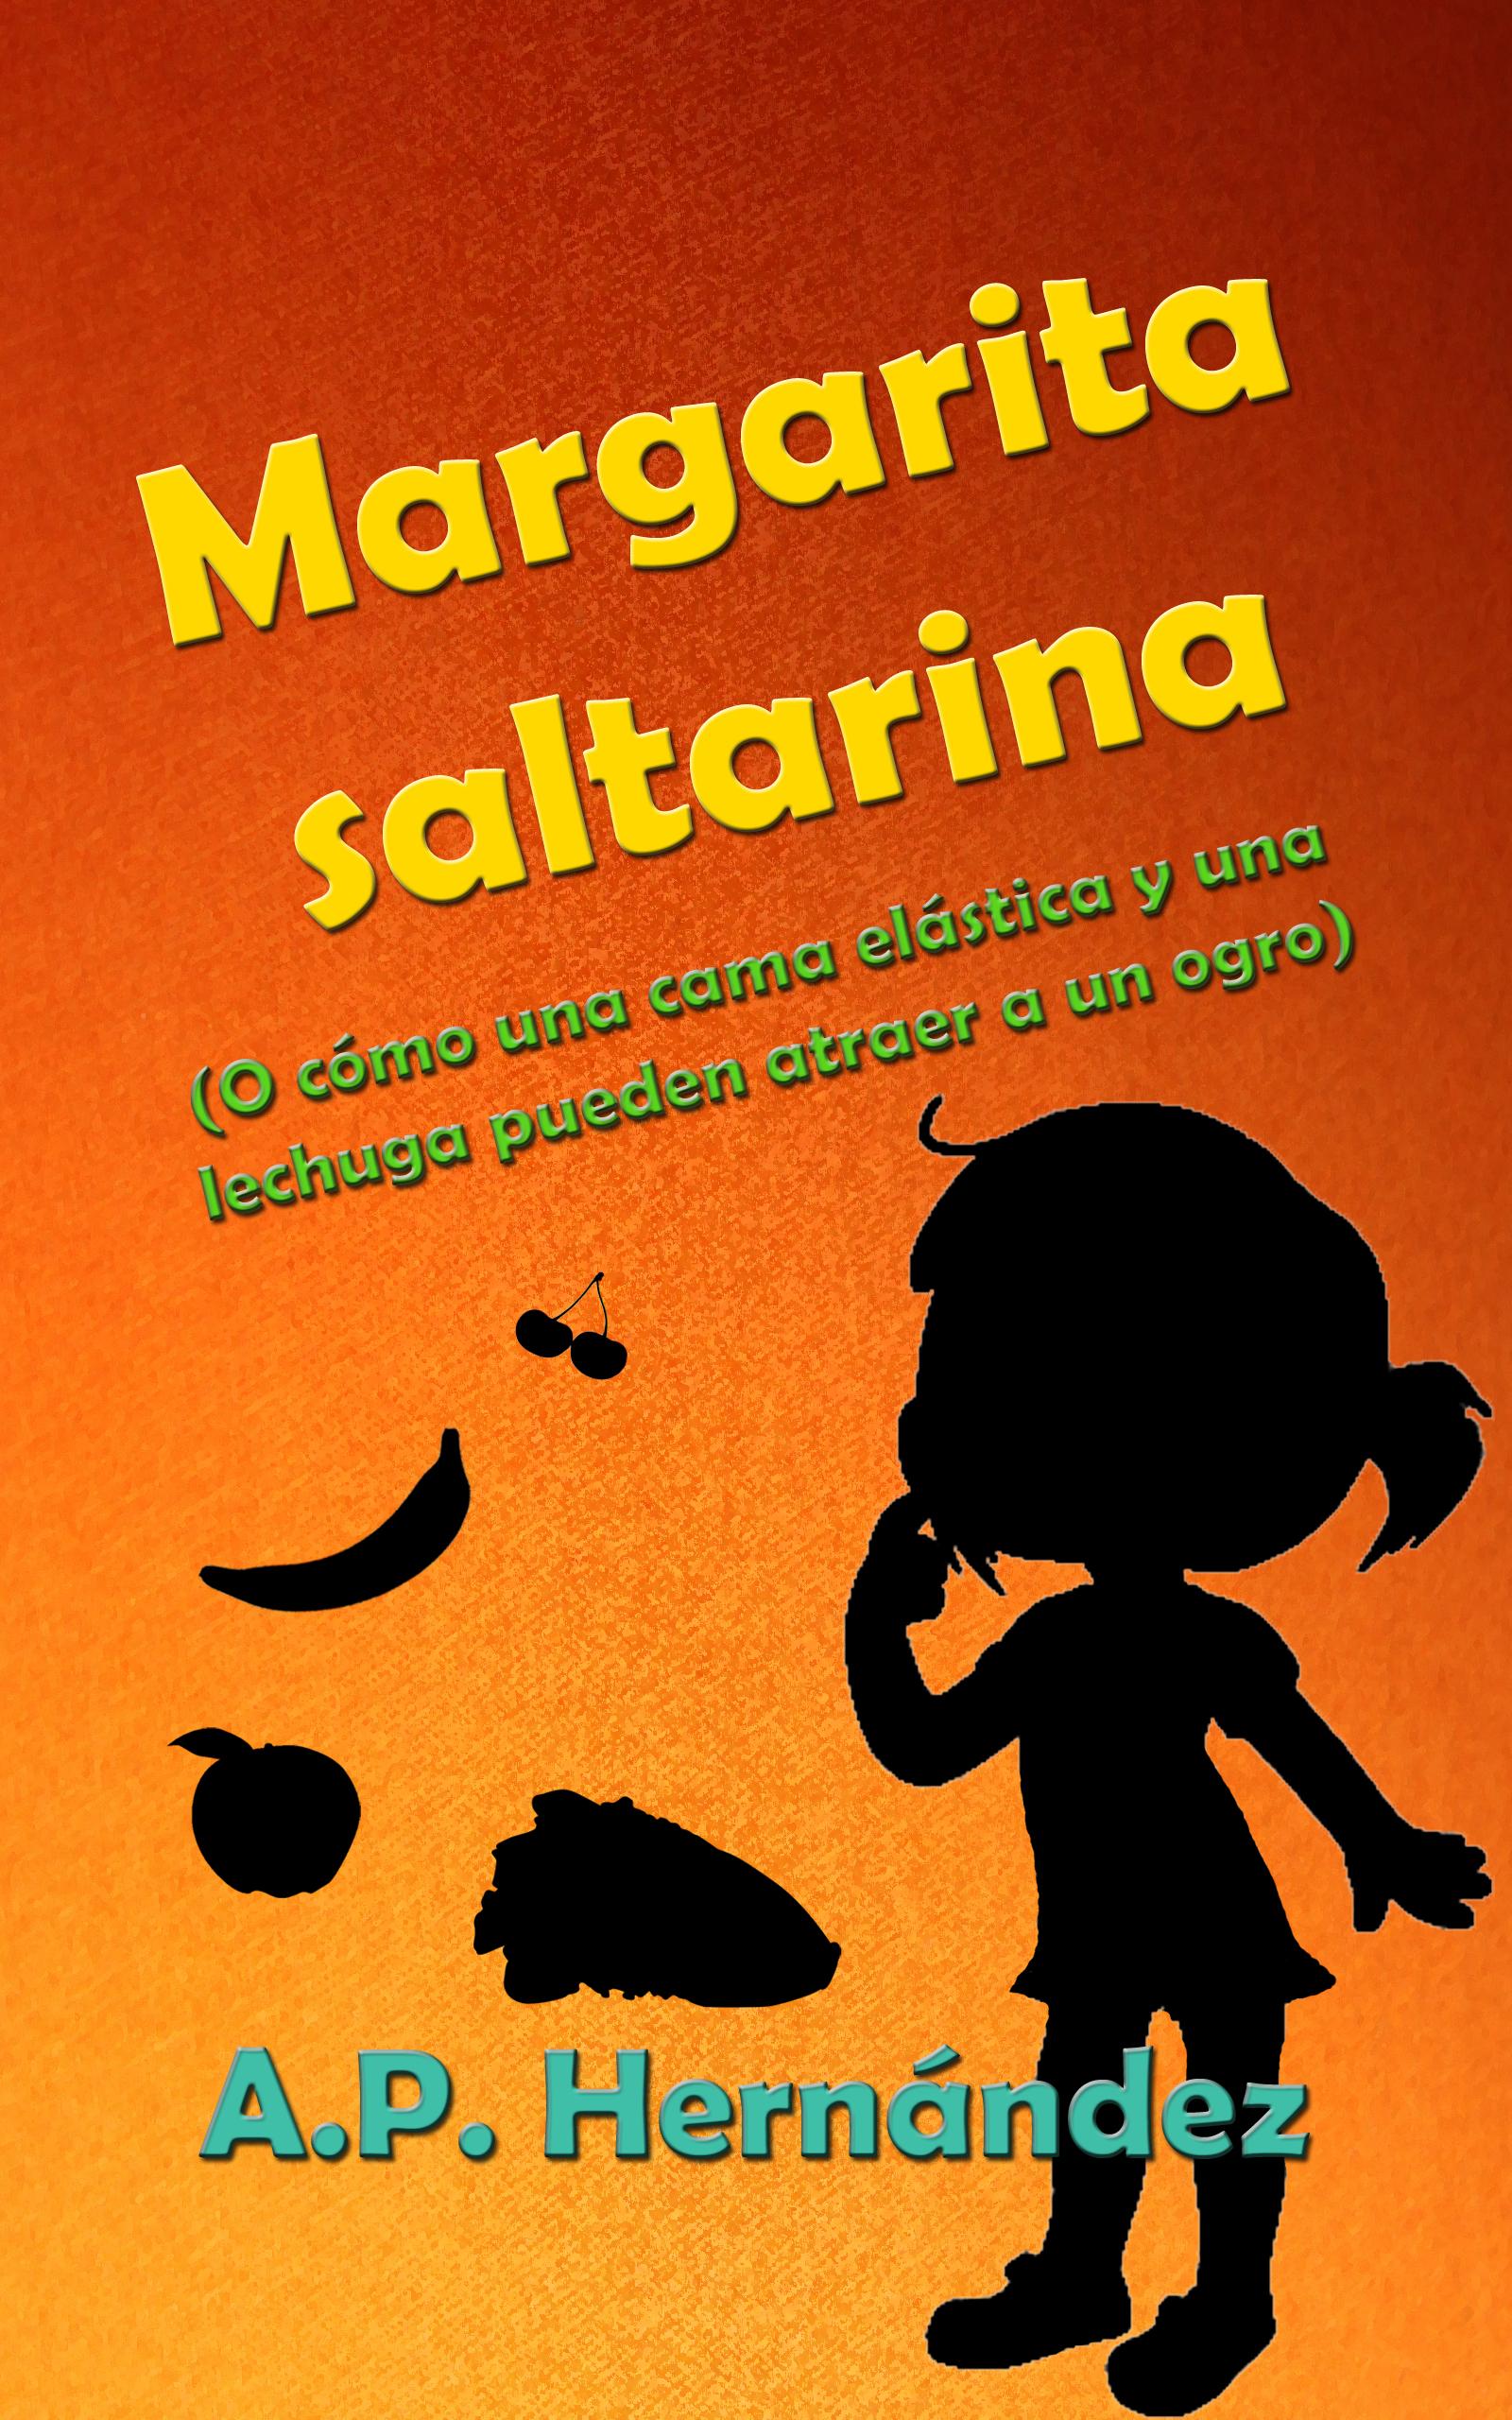 Margarita saltarina (o cómo una cama elástica y una lechuga pueden atraer a un ogro)